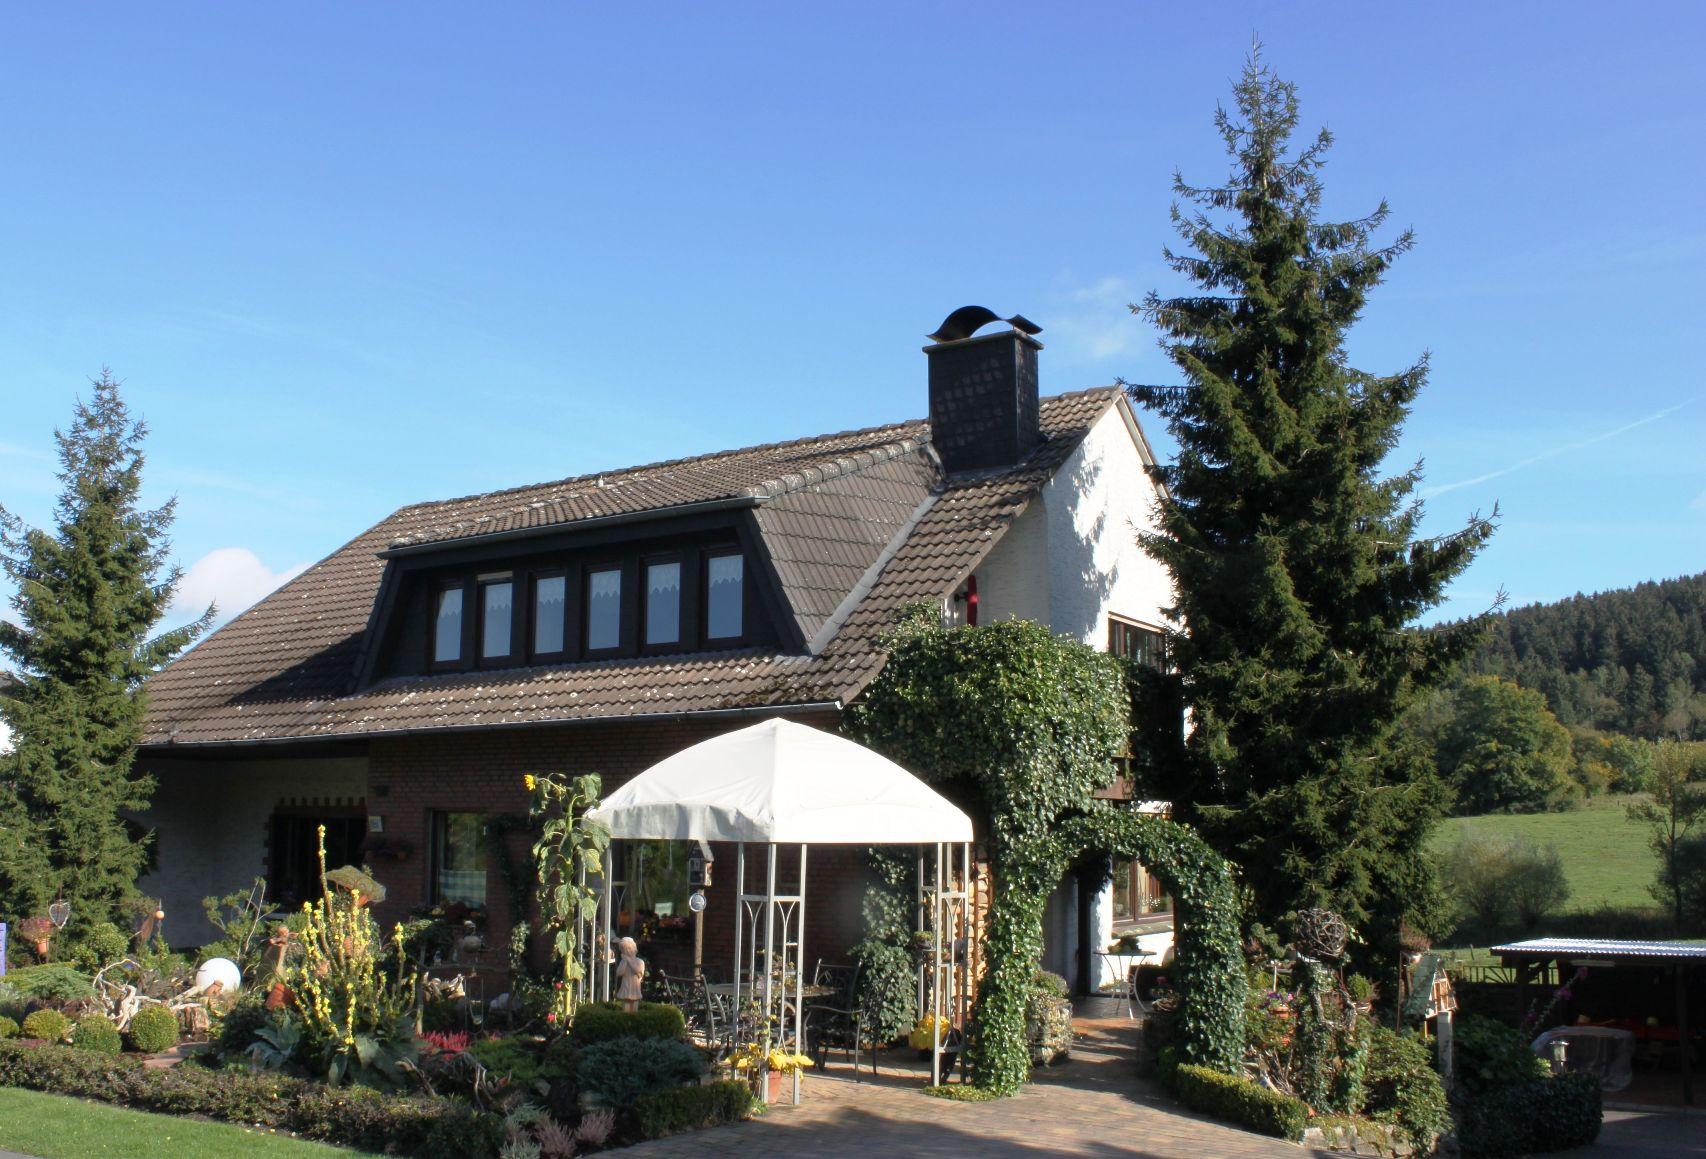 Ferienwohnung Haus Heidegarten Horn Bad Meinberg - Anbieter Schäfers